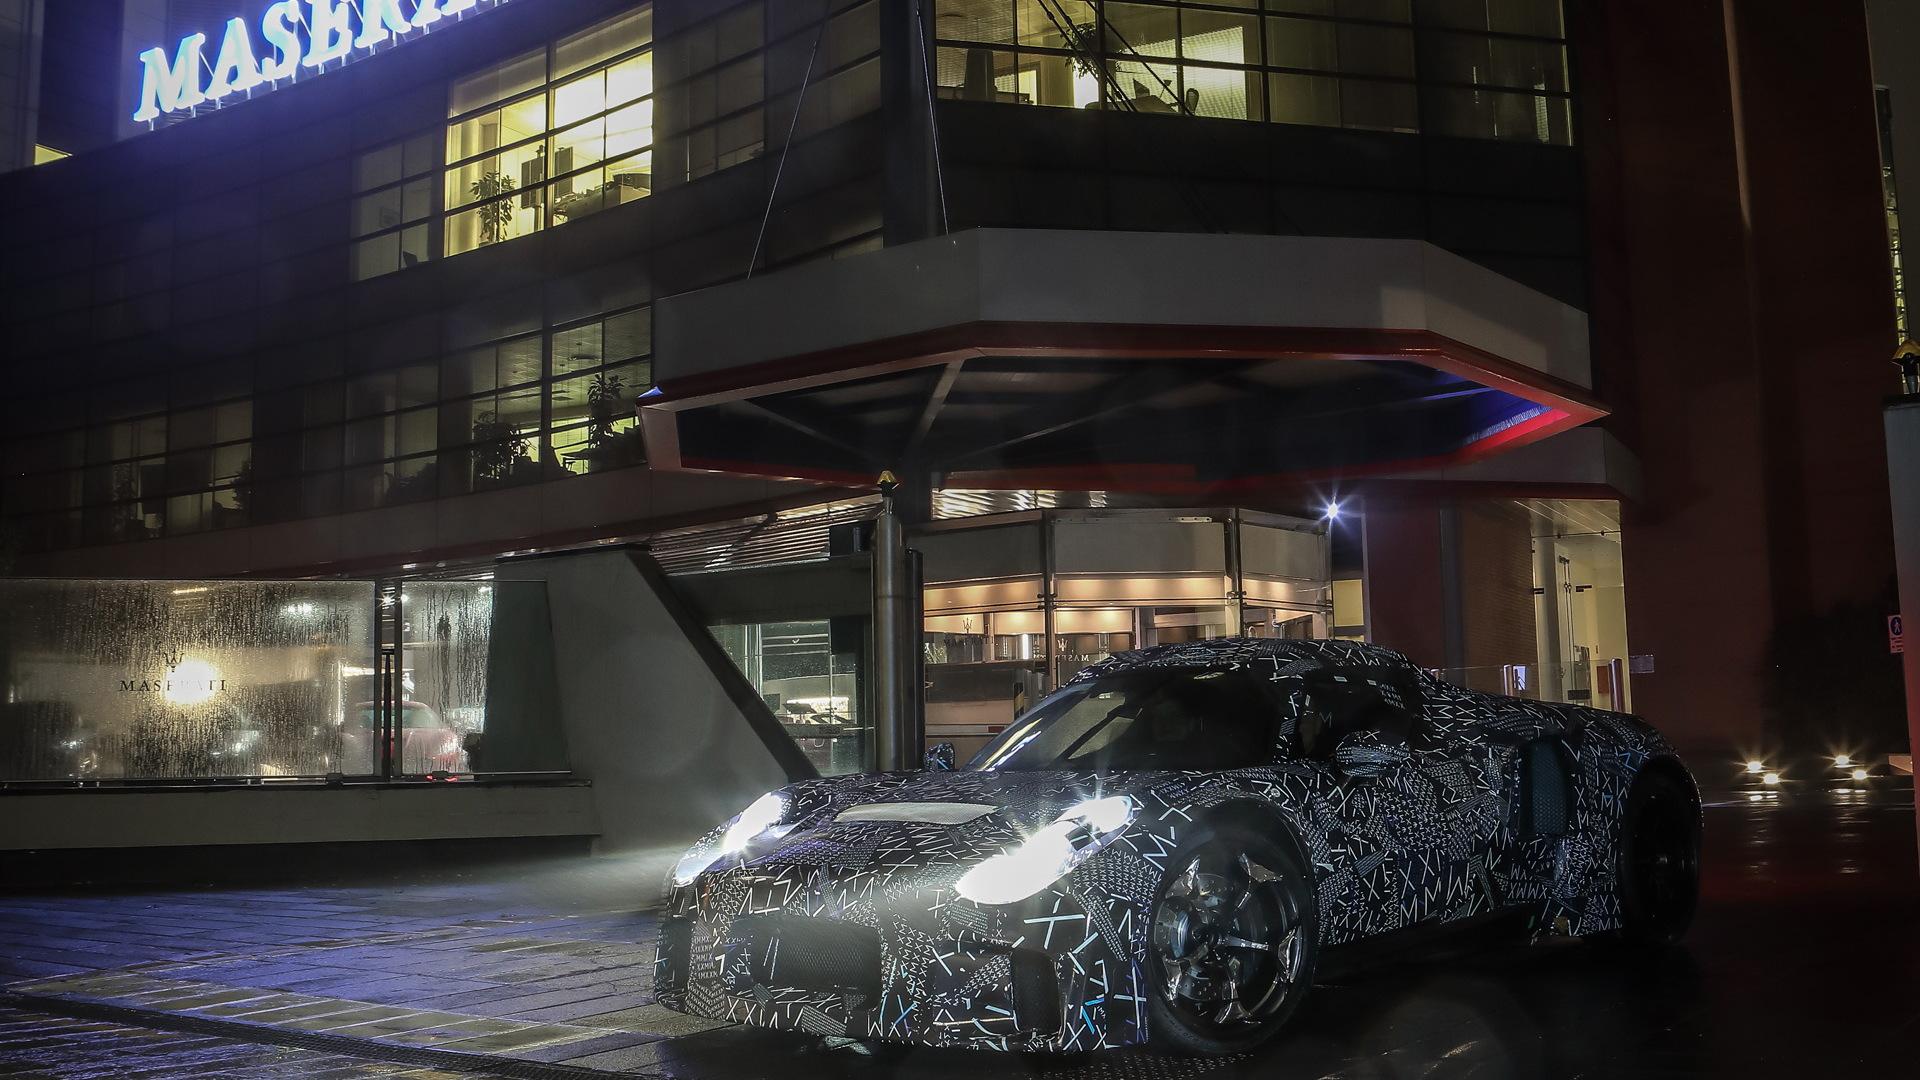 2021 Maserati MC20 test mule